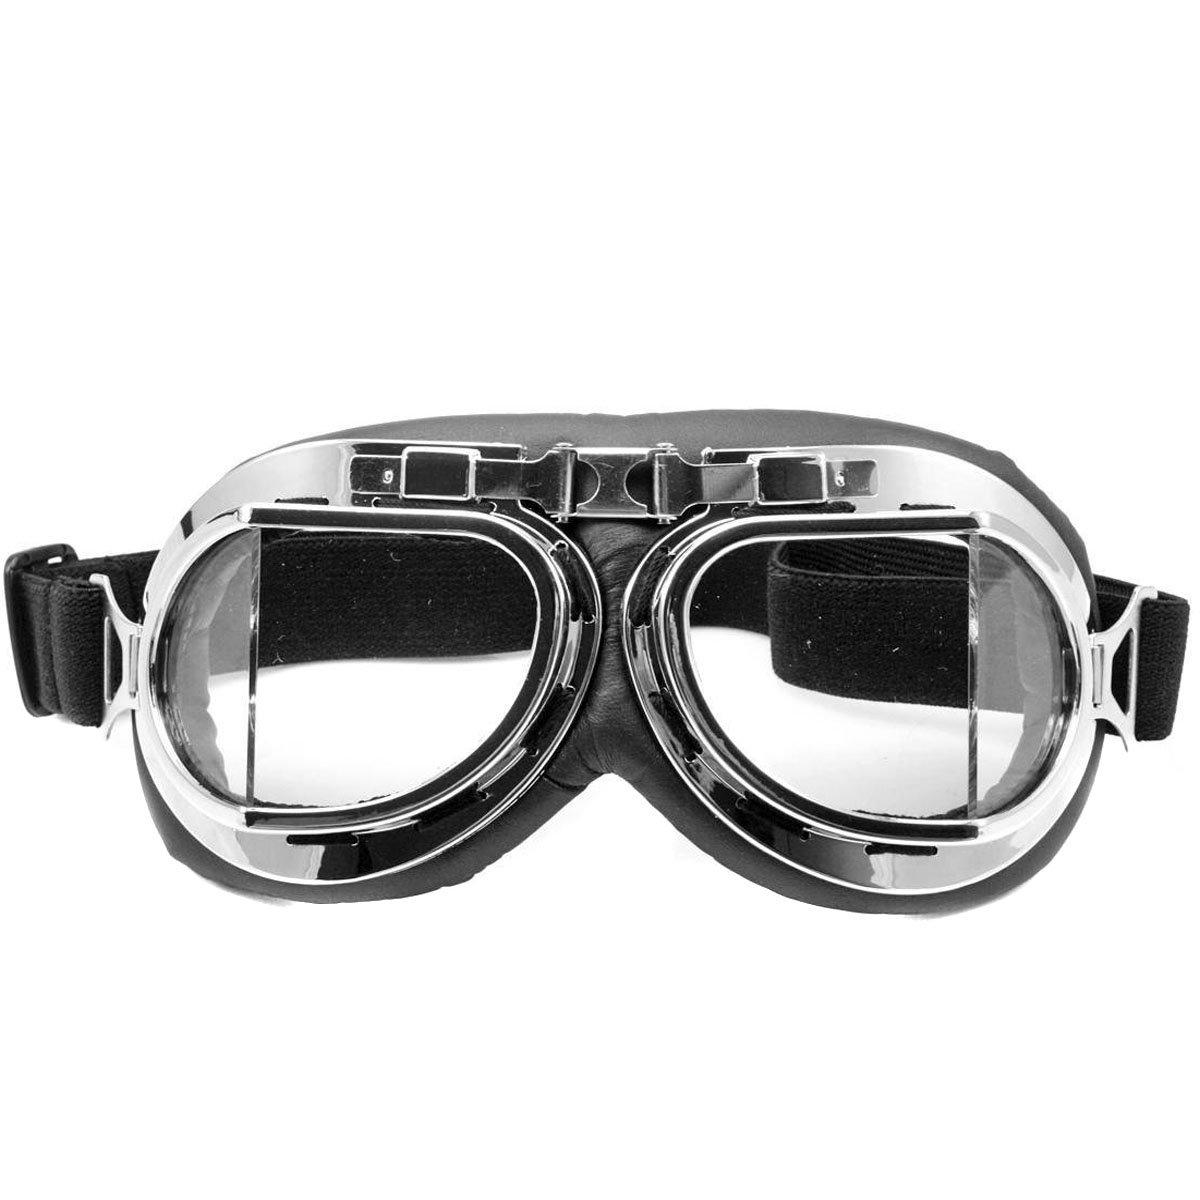 Nsstar Raf-/Piloten-/Flieger-/Motorrad-/Roller-/ Biker-/Motocross-Schutzbrille, schü tzt vor Sonne, UV-Licht, Wind, Chrom-Rahmen, gelb, Free Size